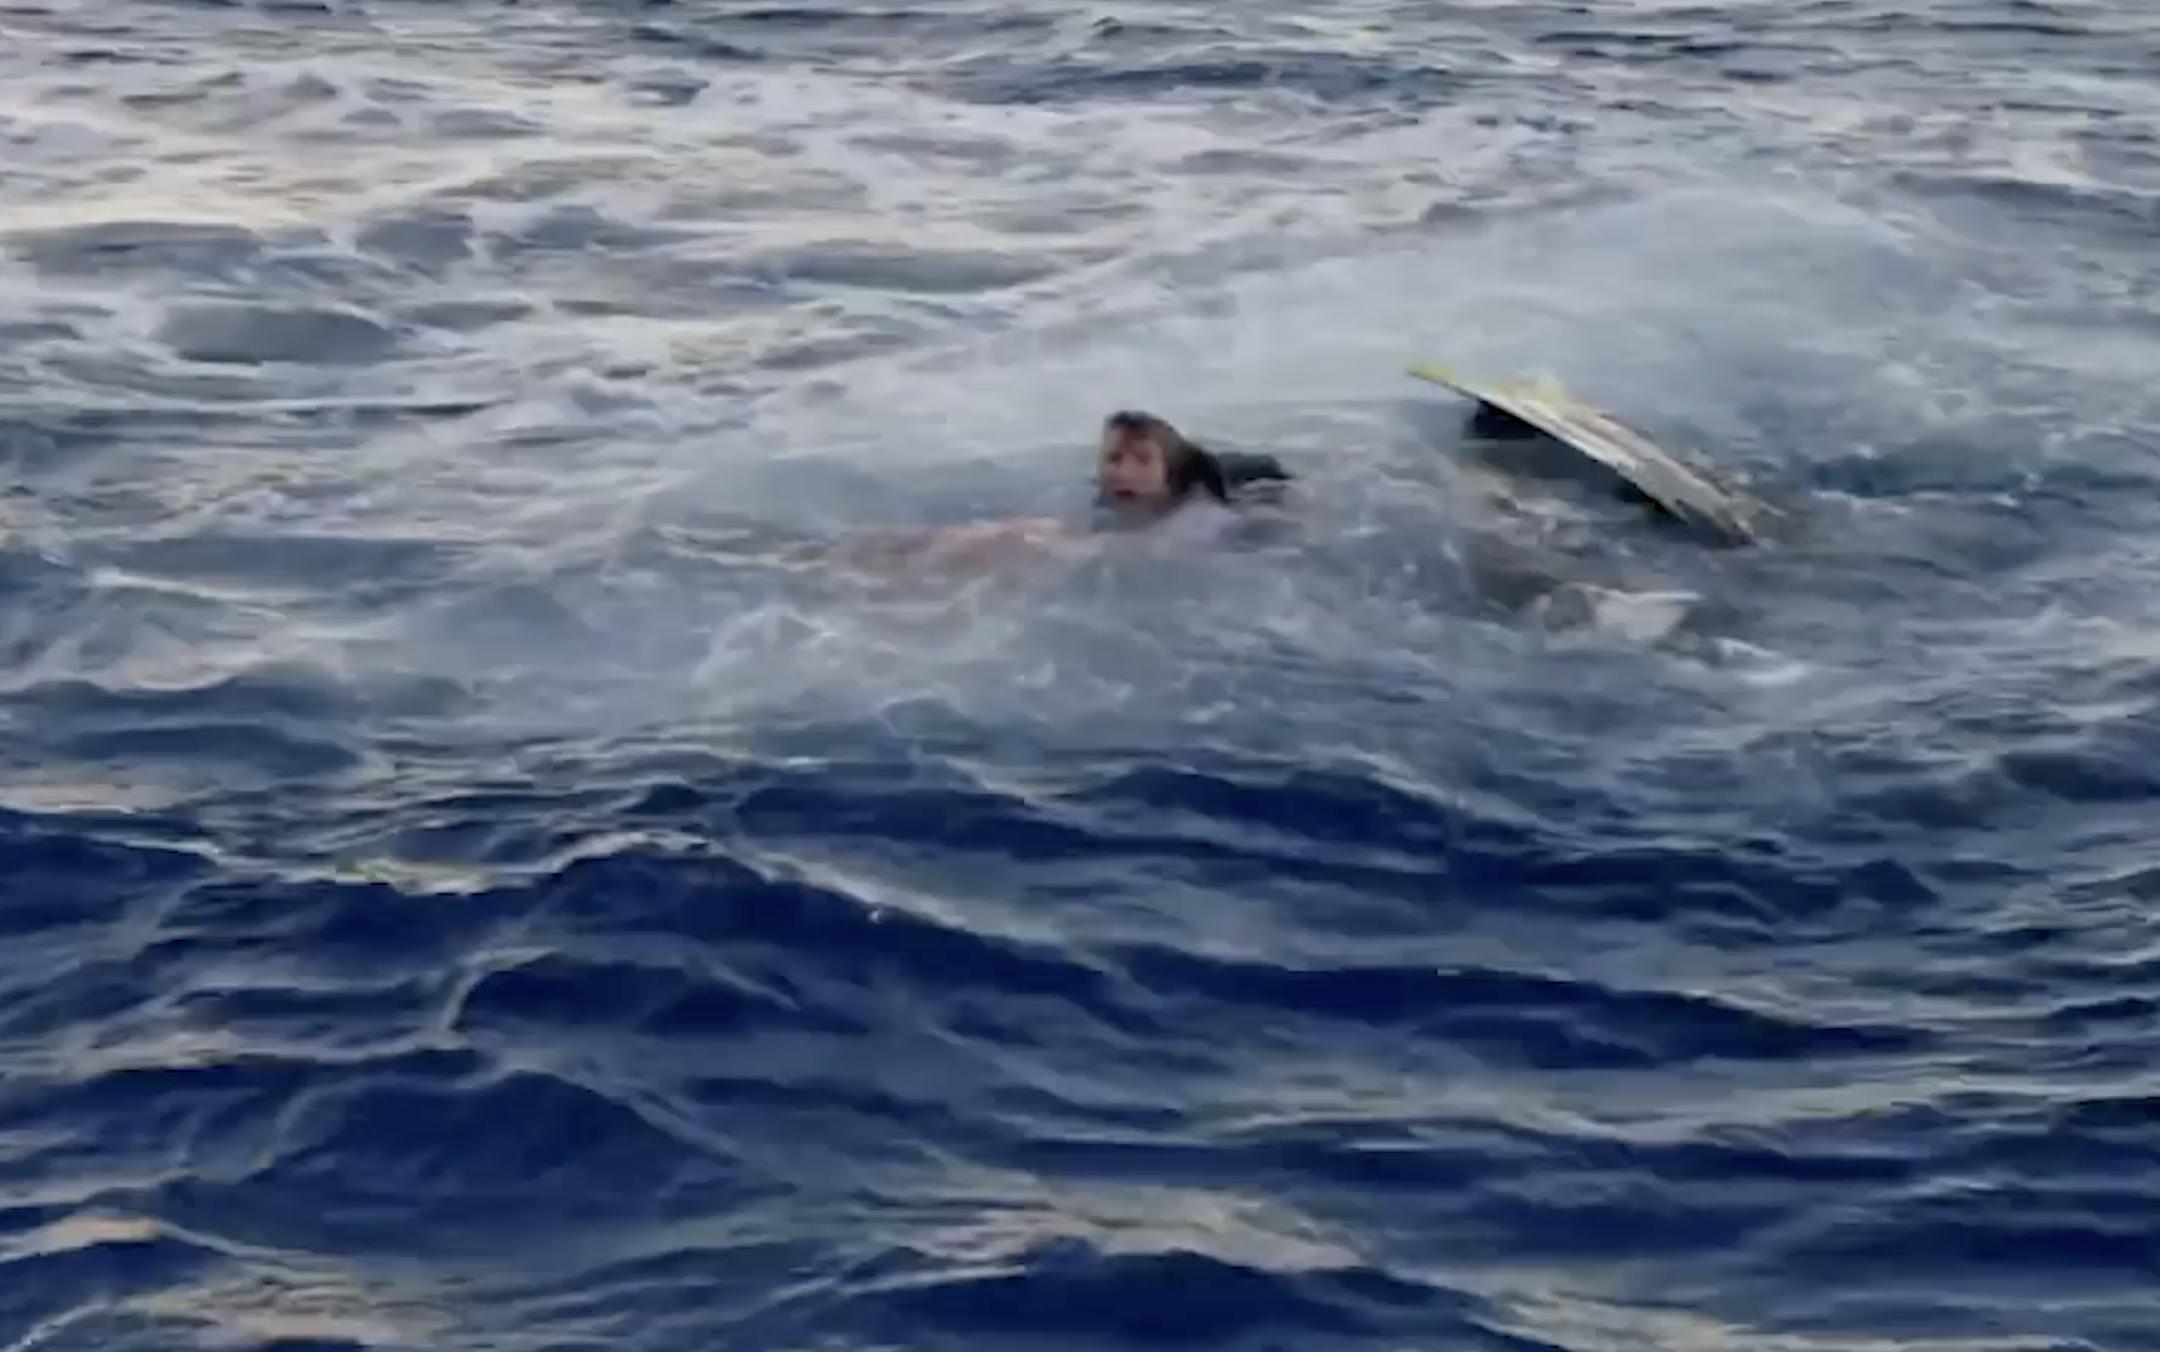 """967980375474.8148 Акулы набросились на звезду """"Чудаков"""" прямо во время съёмок, окрасив воду вокруг него в алый цвет"""